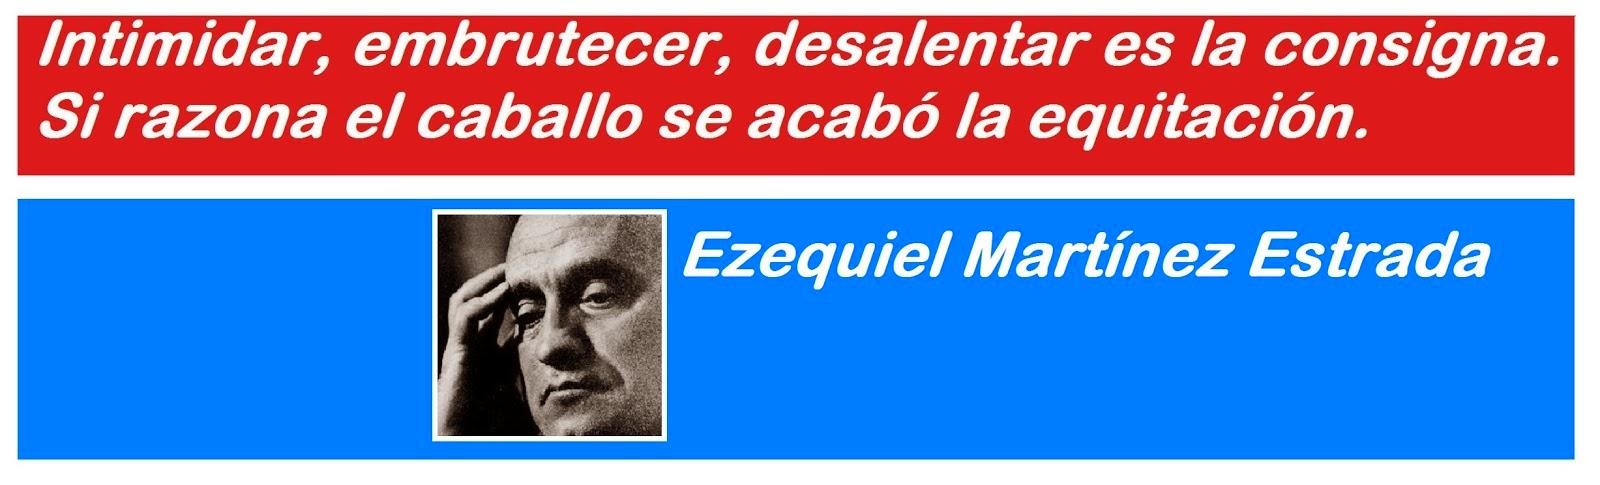 Ezequiel Martínez Estrada.